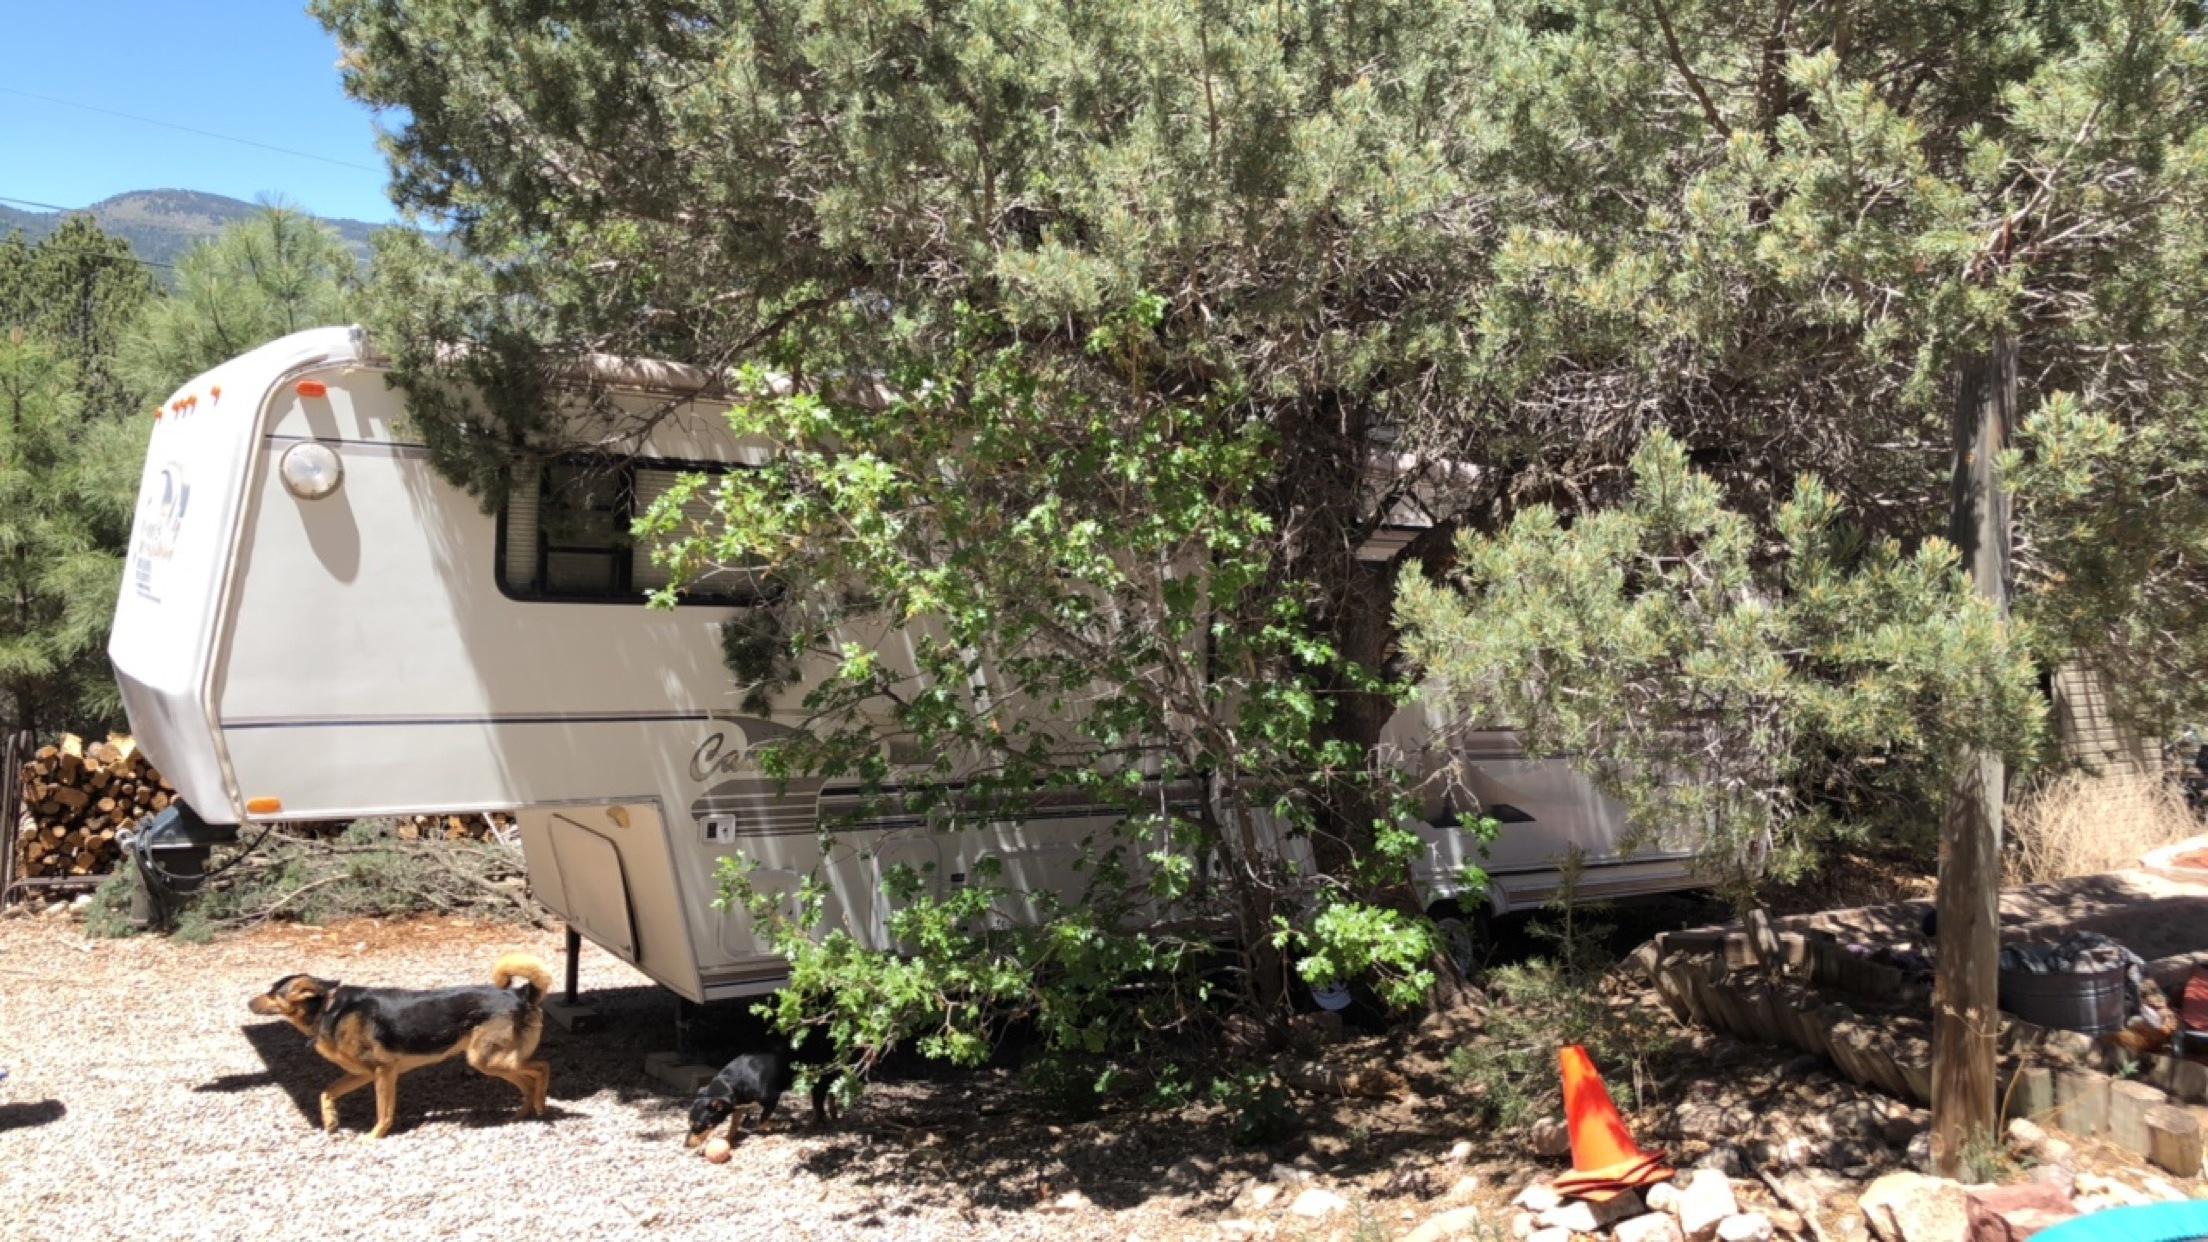 Hiding in the trees ft. Jordan's mom's dog!